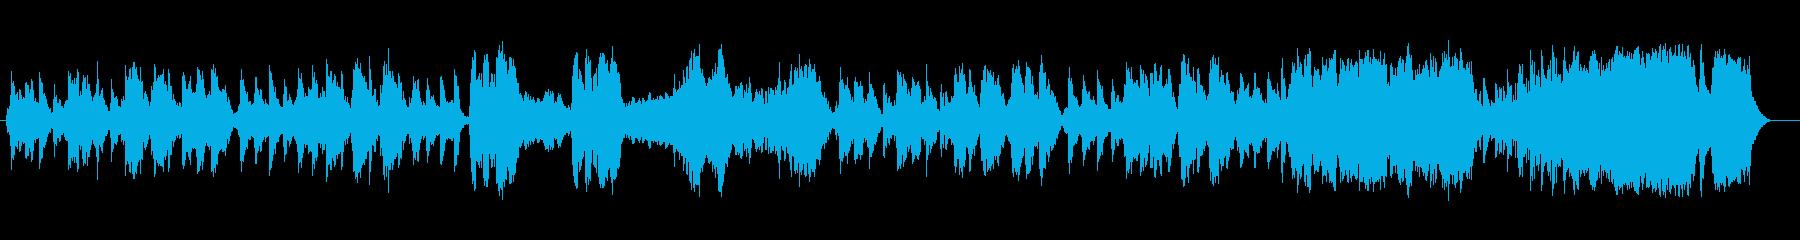 優雅で可憐でクラシカルなワルツメロディーの再生済みの波形